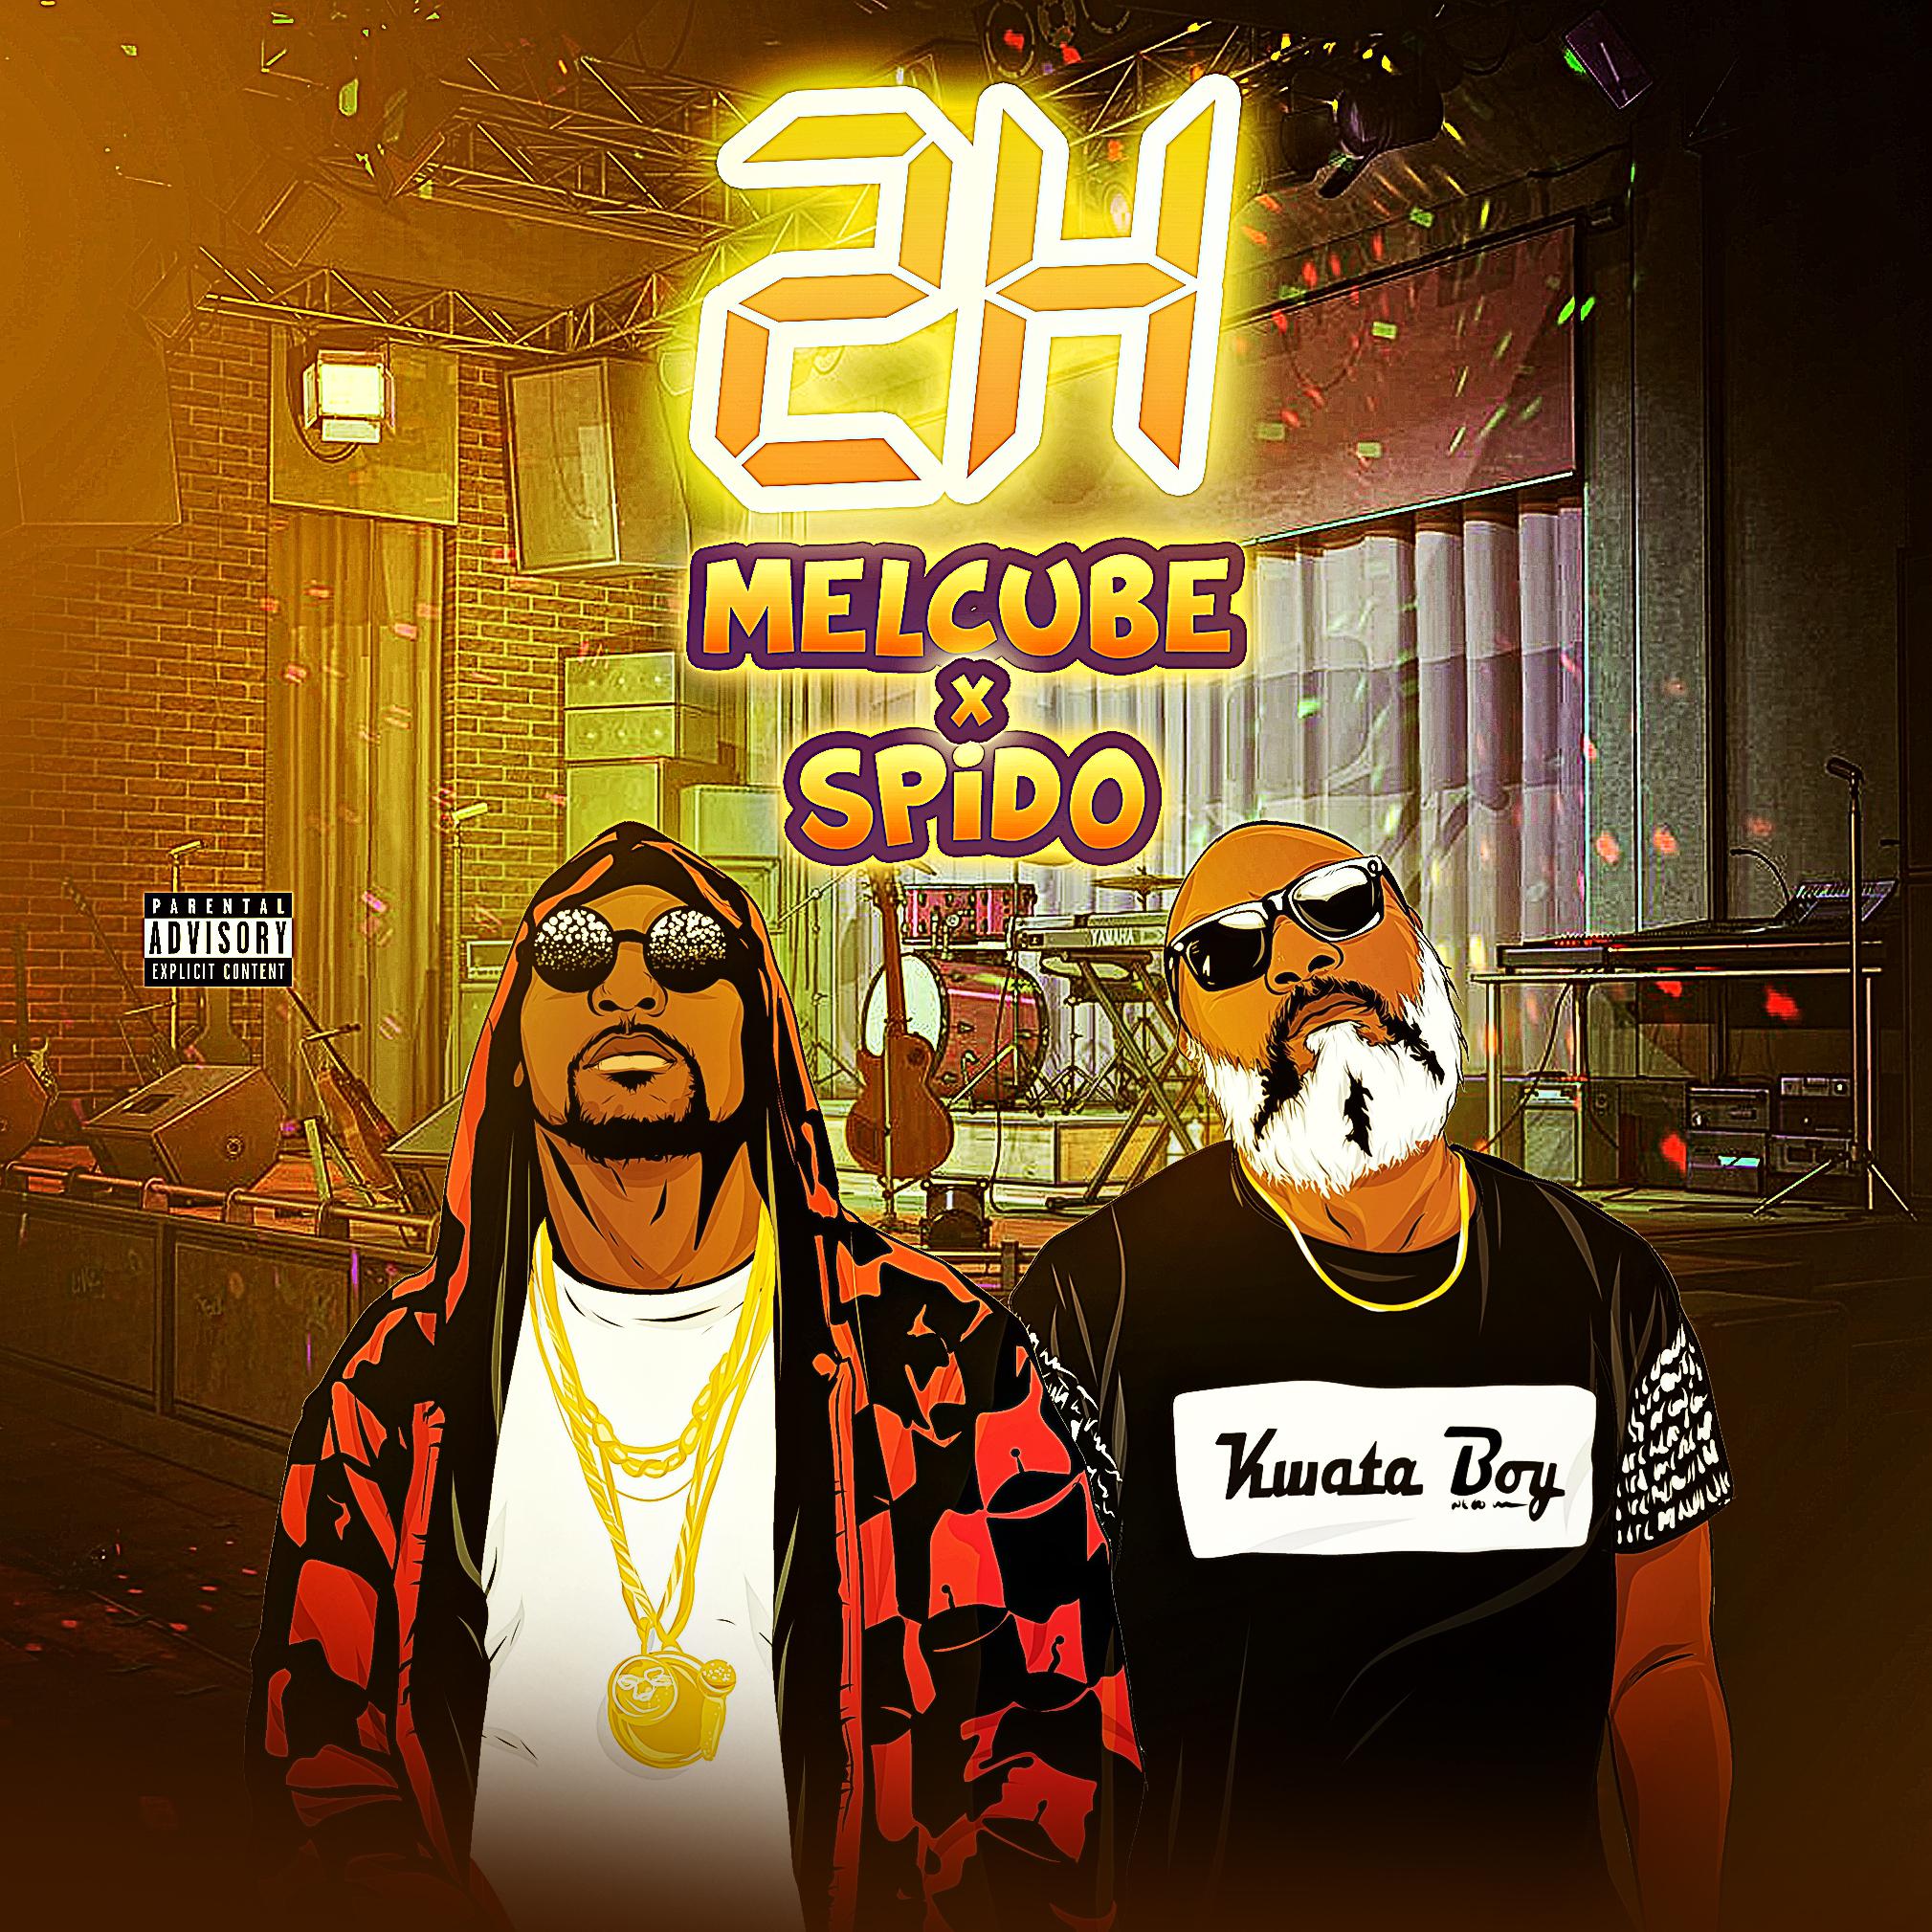 Melcube ft Spido - 2H